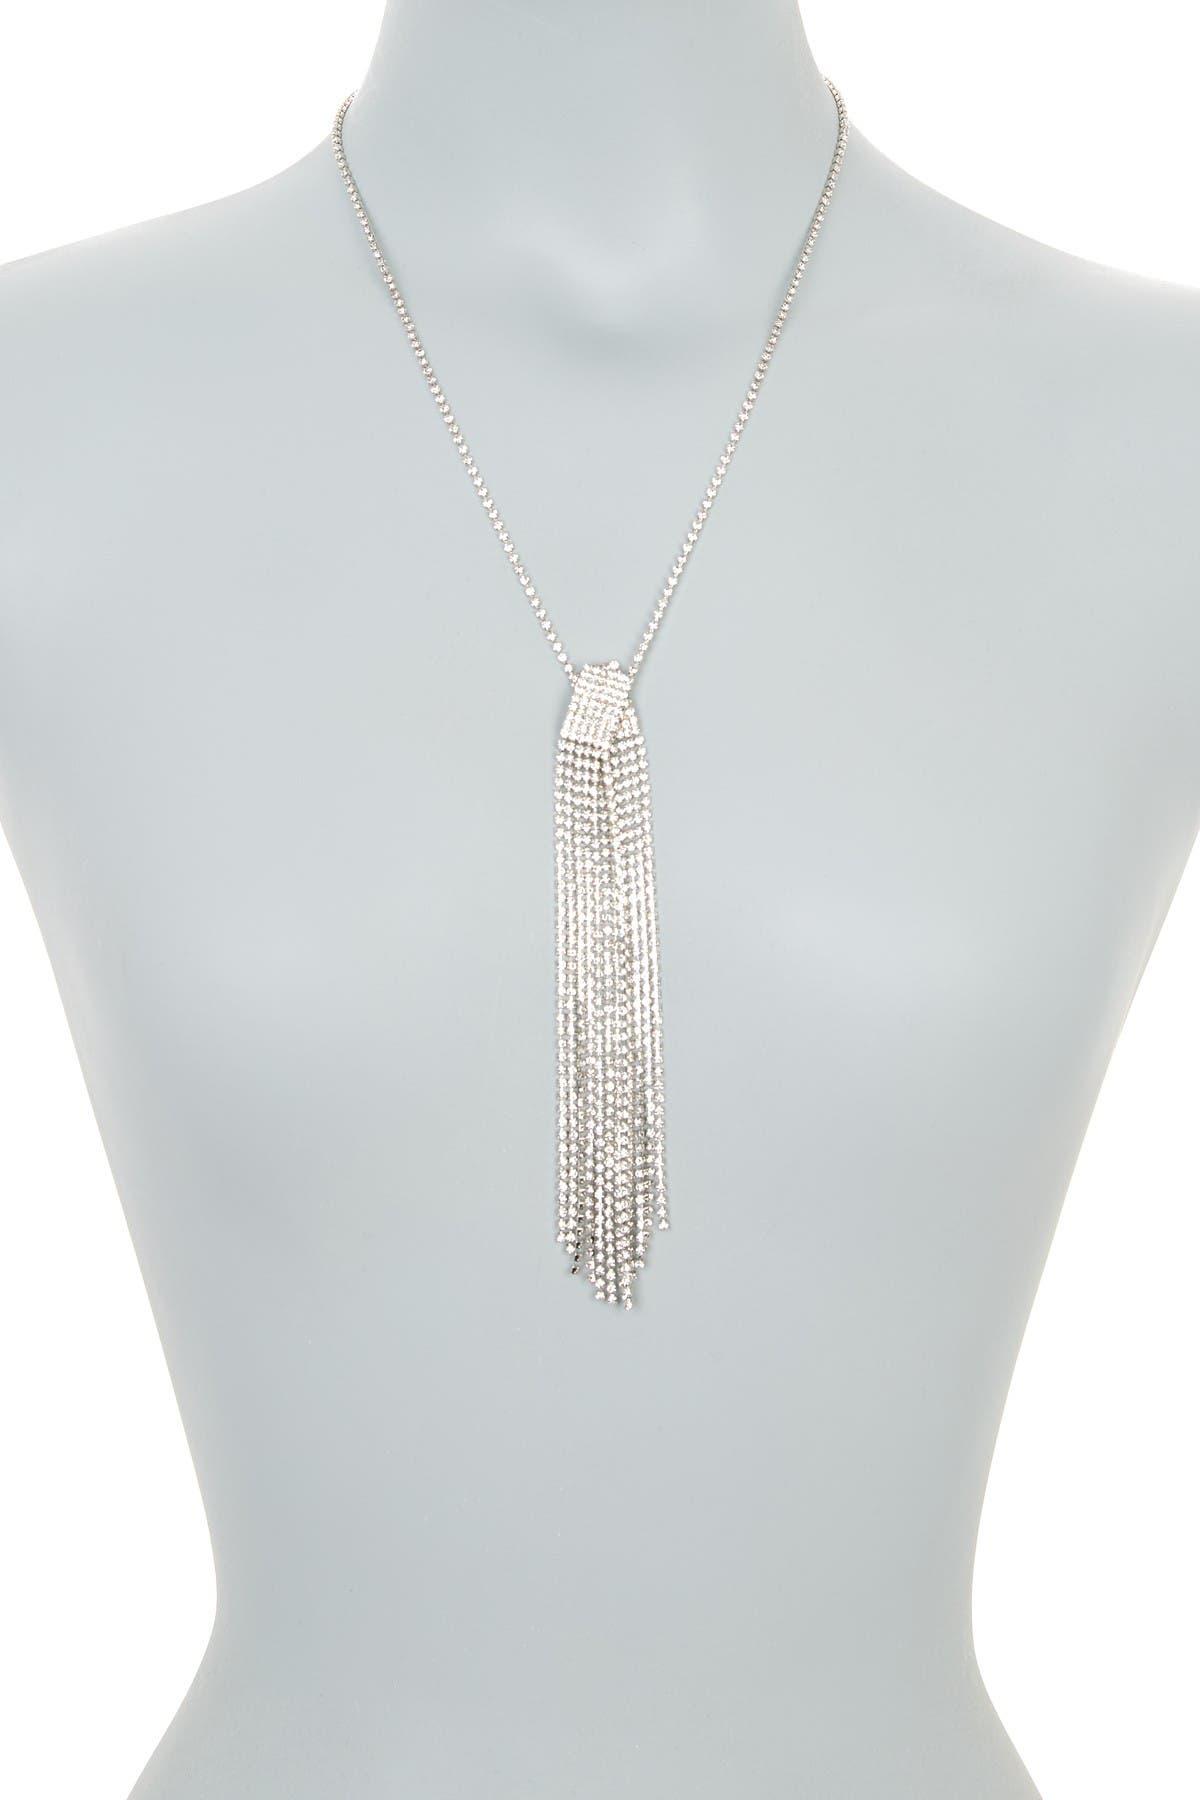 Image of CRISTABELLE Rhinestone Fringe Necklace